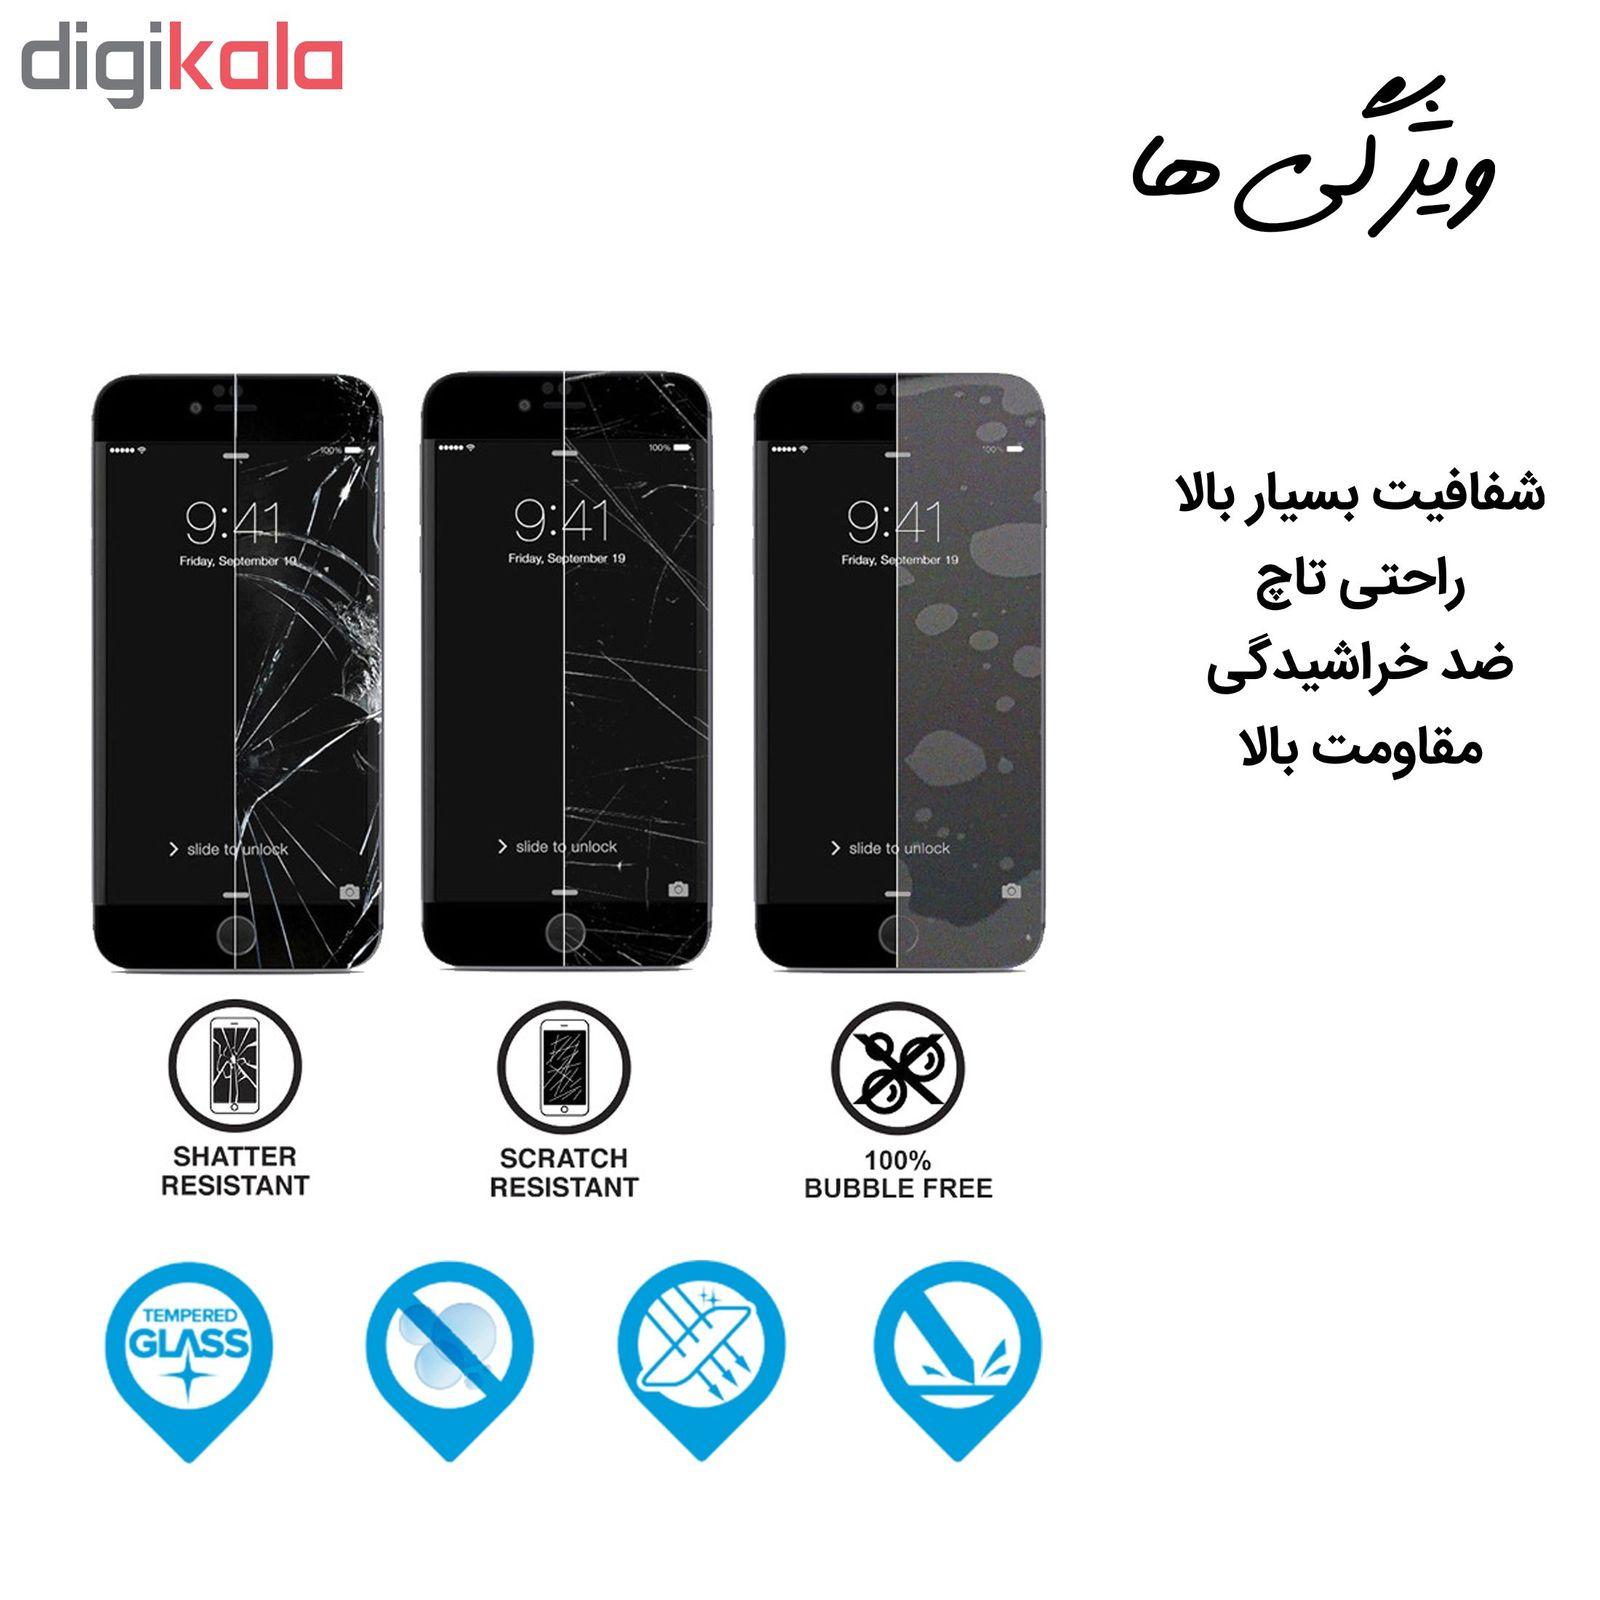 محافظ صفحه نمایش hard and thick مدل F-001 مناسب برای گوشی موبایل سامسونگ Galaxy A70 بسته دو عددی main 1 3